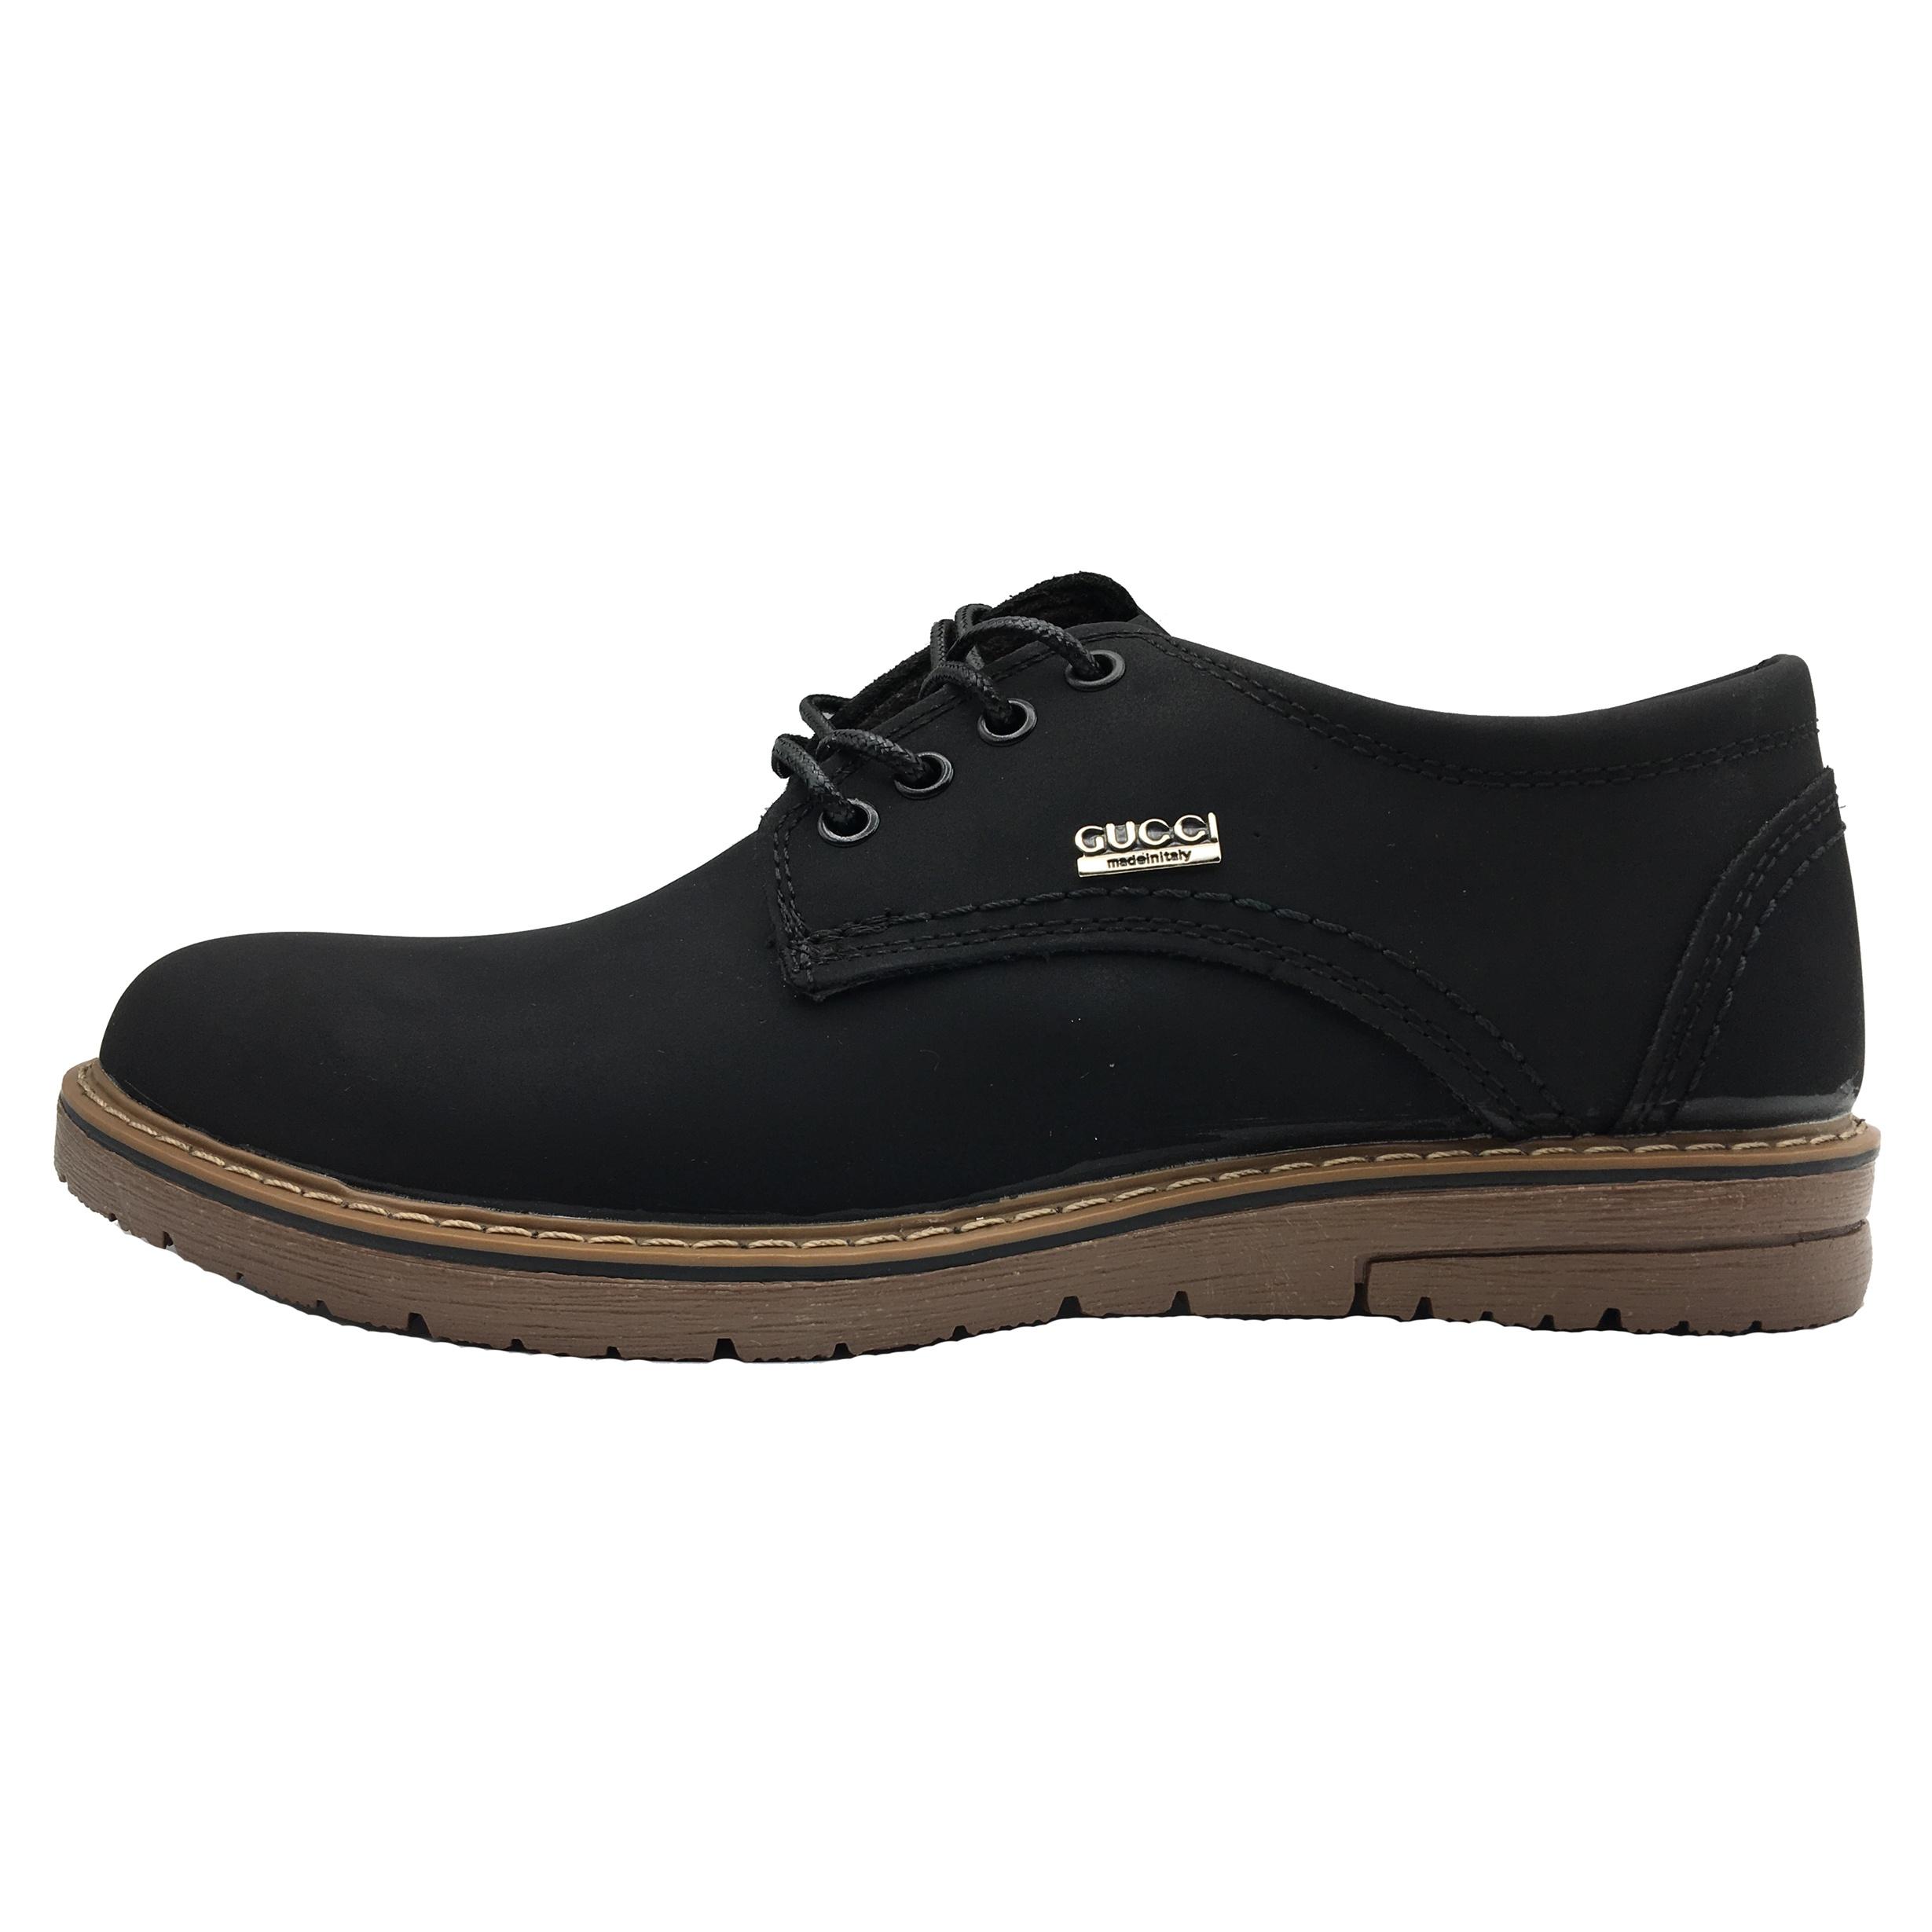 کفش مردانه مدل Gi